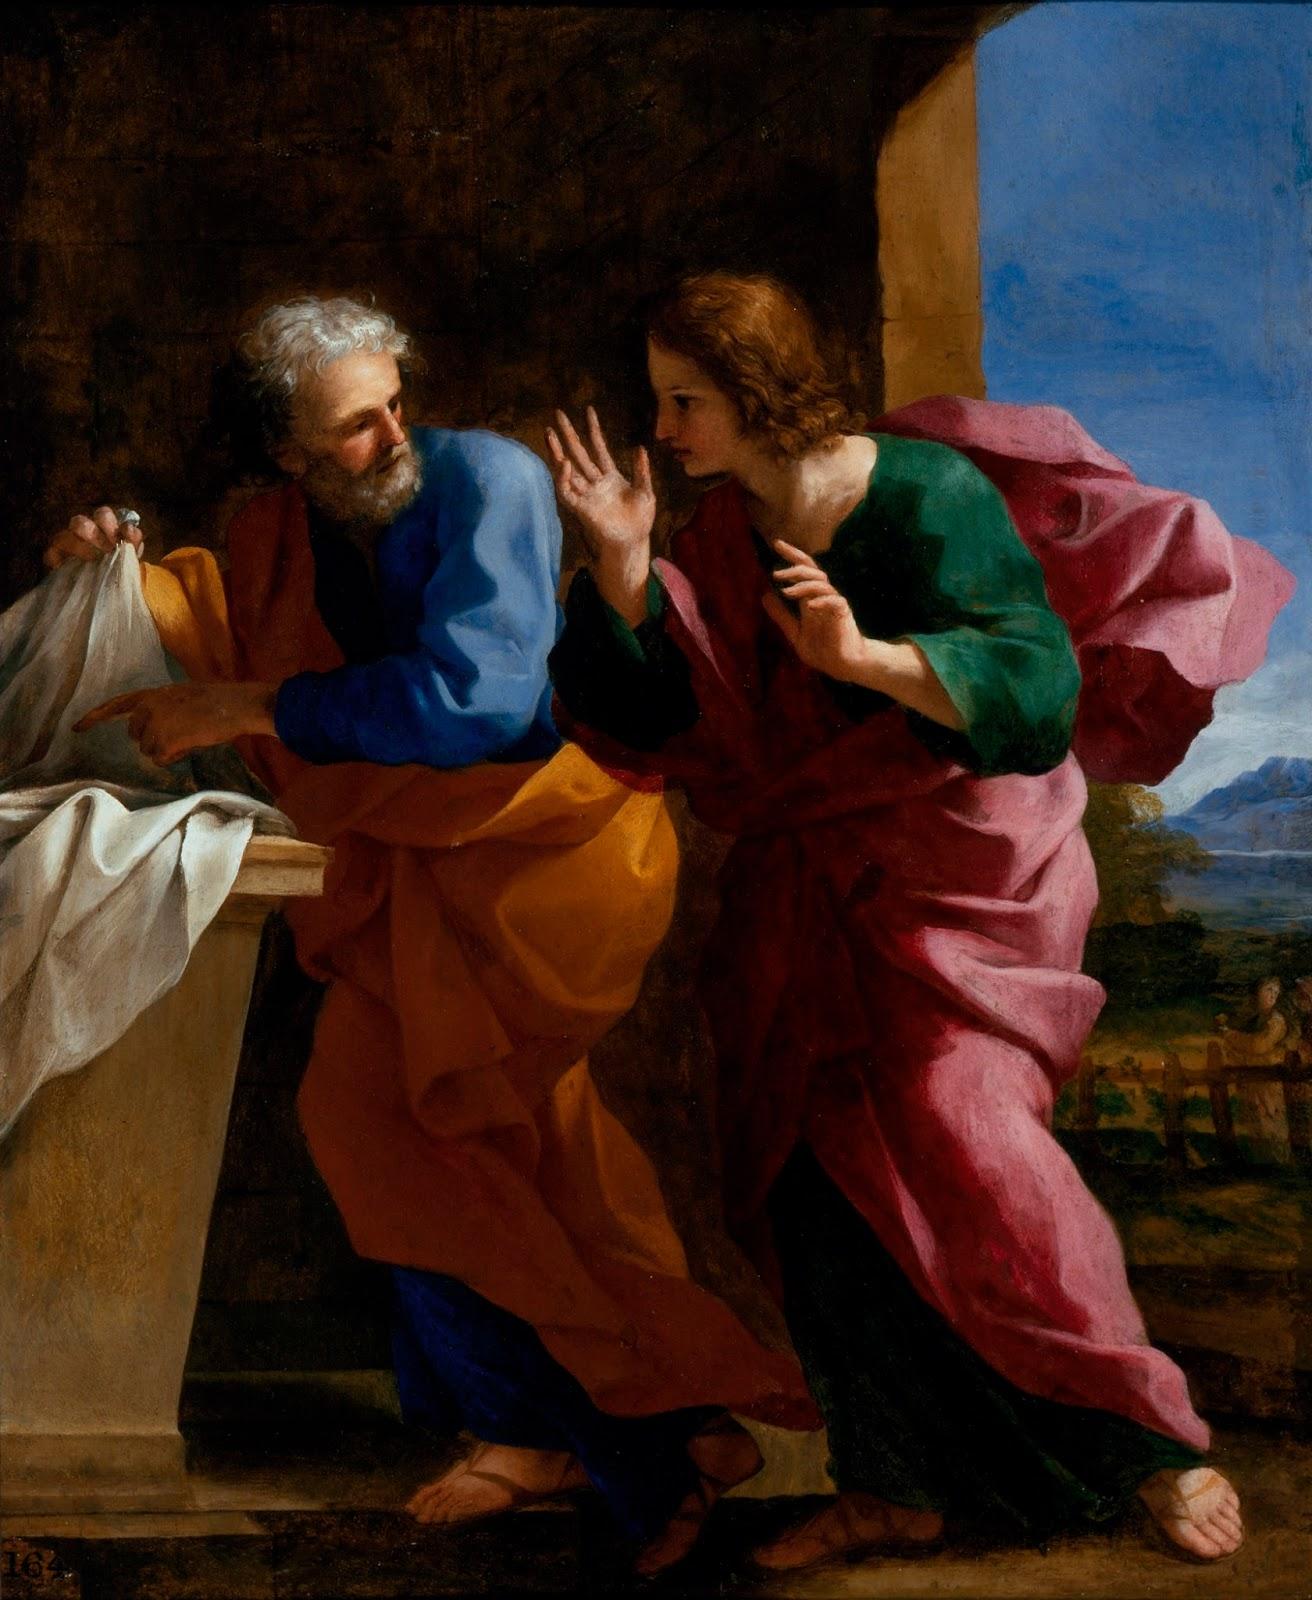 Սուրբ Հովհաննեսը և Սուրբ Պետրոսը Քրիստոսի գերեզմանի մոտ, Giովանի Ֆրանչեսկո Ռոմանելի, 1640